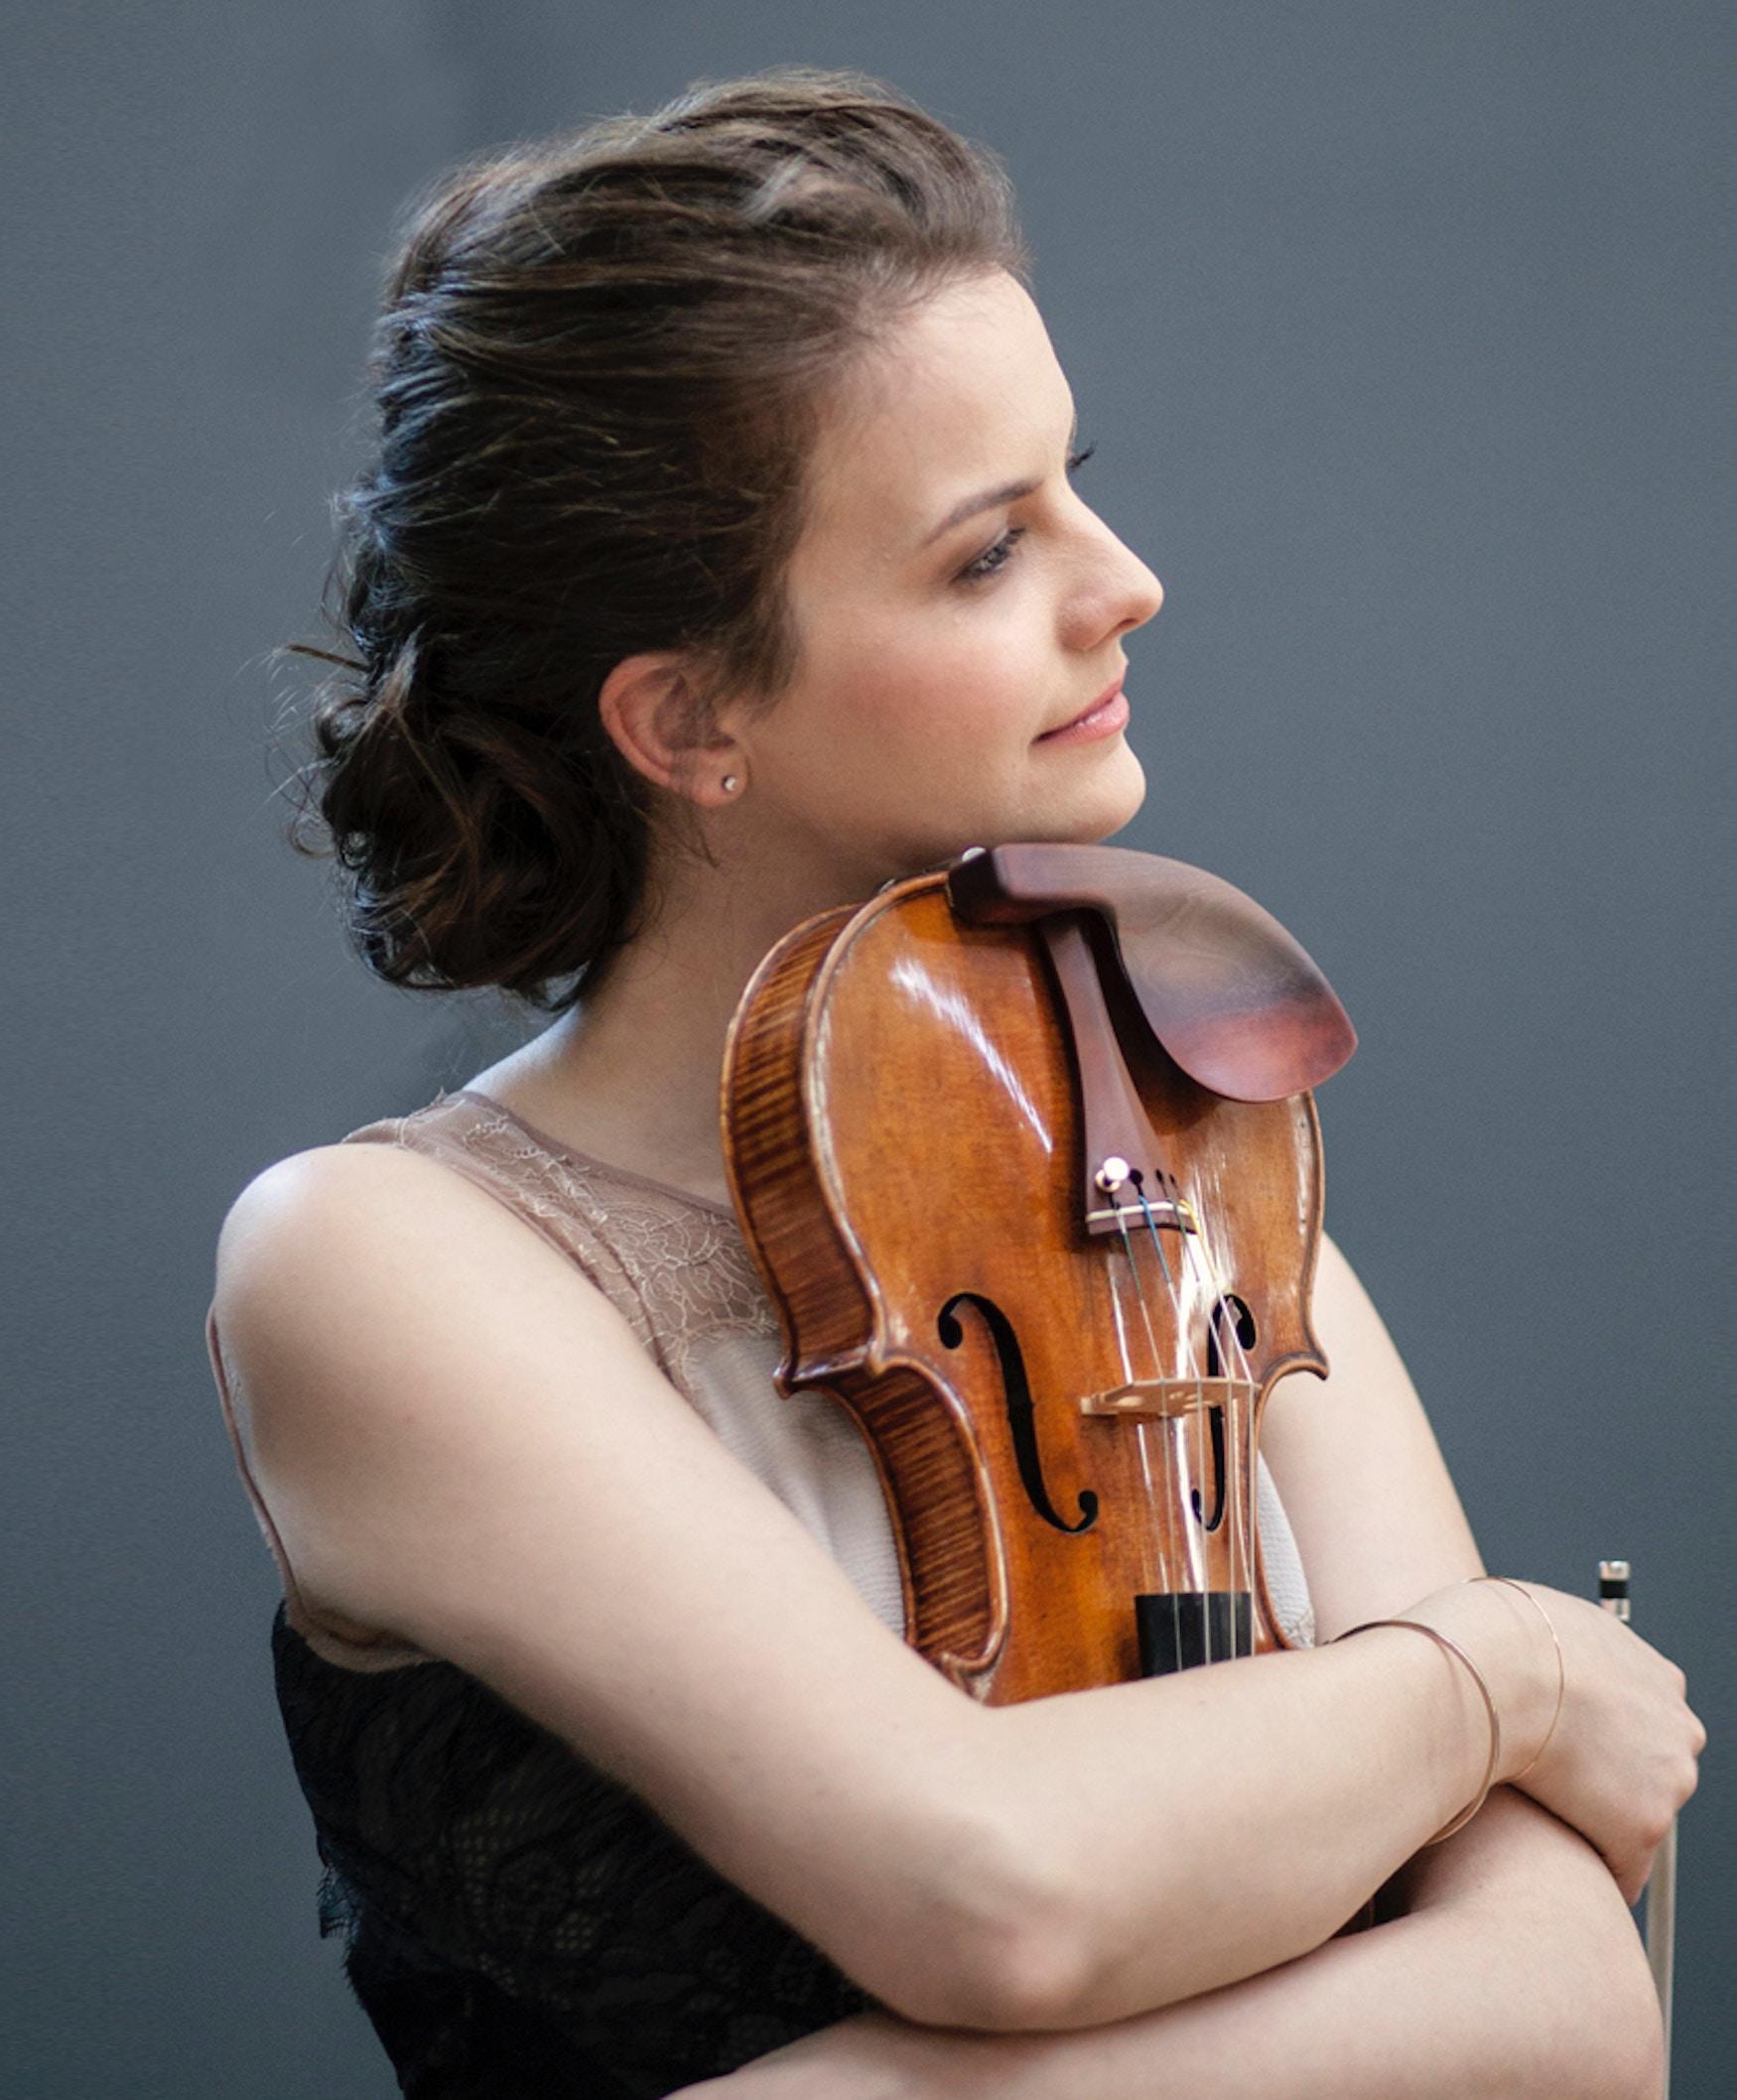 Fiolinist Veronika Eberle